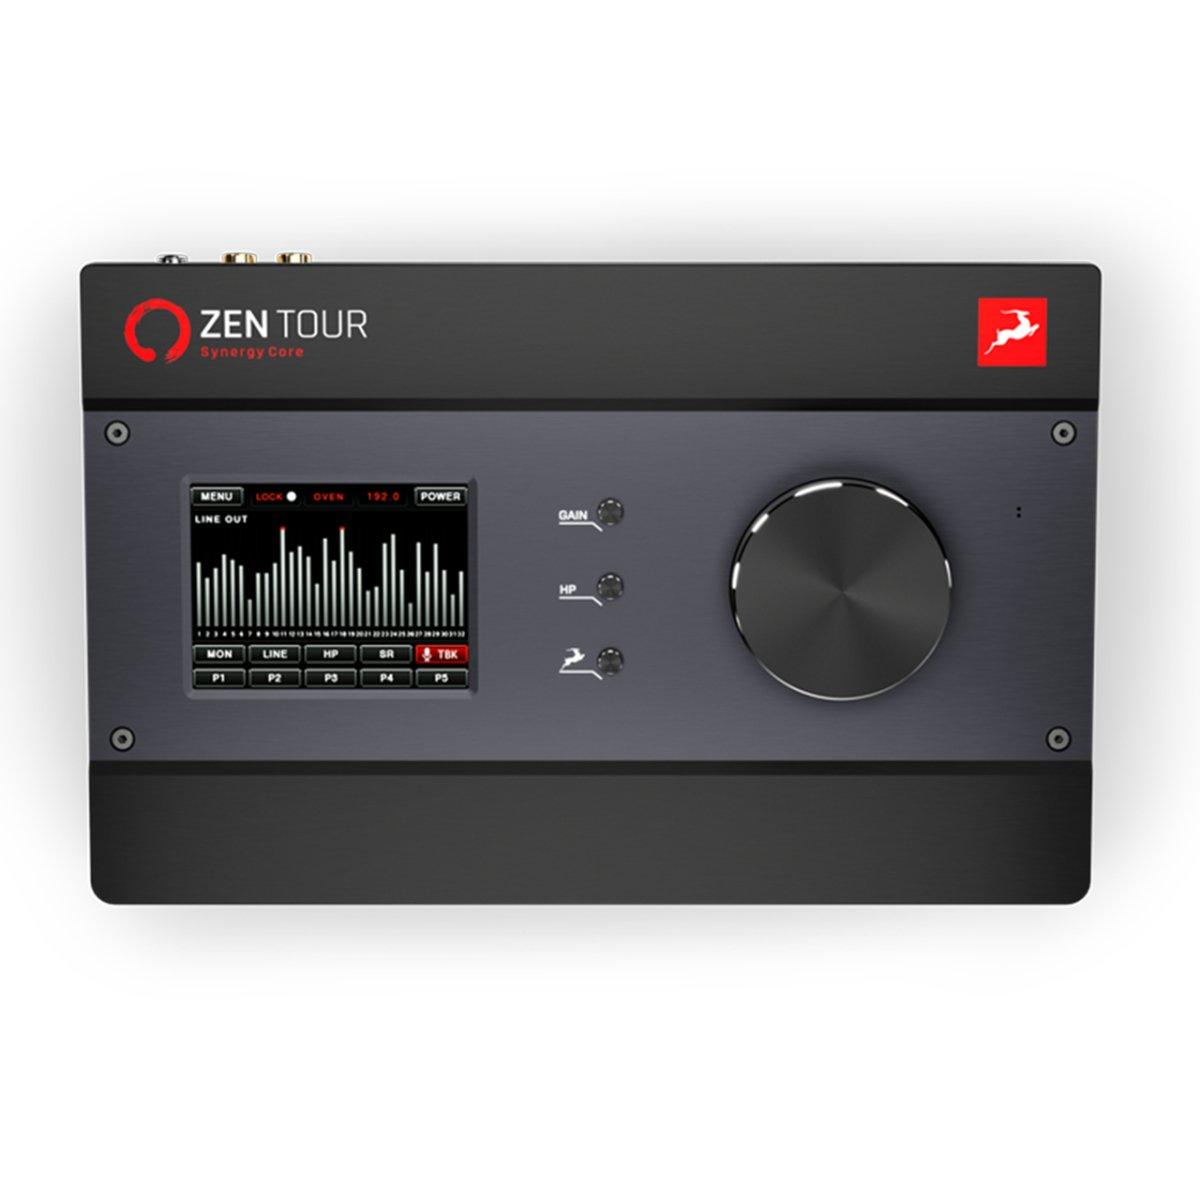 【2月から値下げの新価格!ハイパーDA/AD搭載】Zen Tour Synergy Core